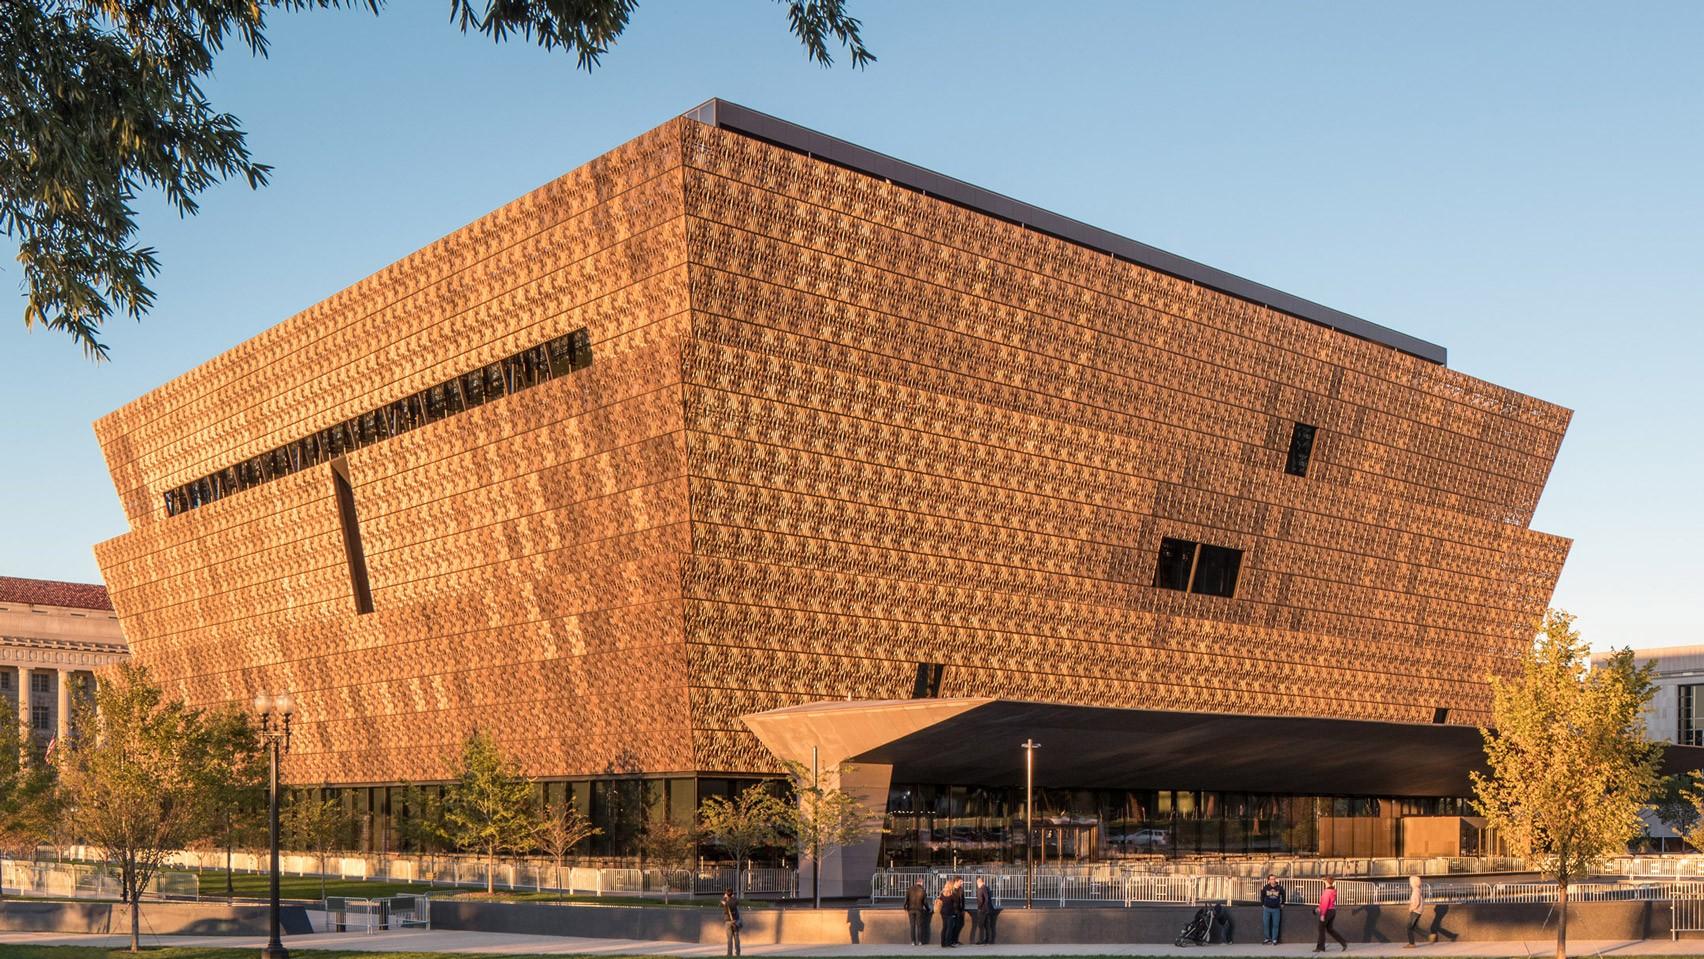 Museu Nacional de História e Cultura Afro-americana Smithsonian, de David Adjaye, em Washington DC. (Foto: Reprodução / Brad Feinknopf)